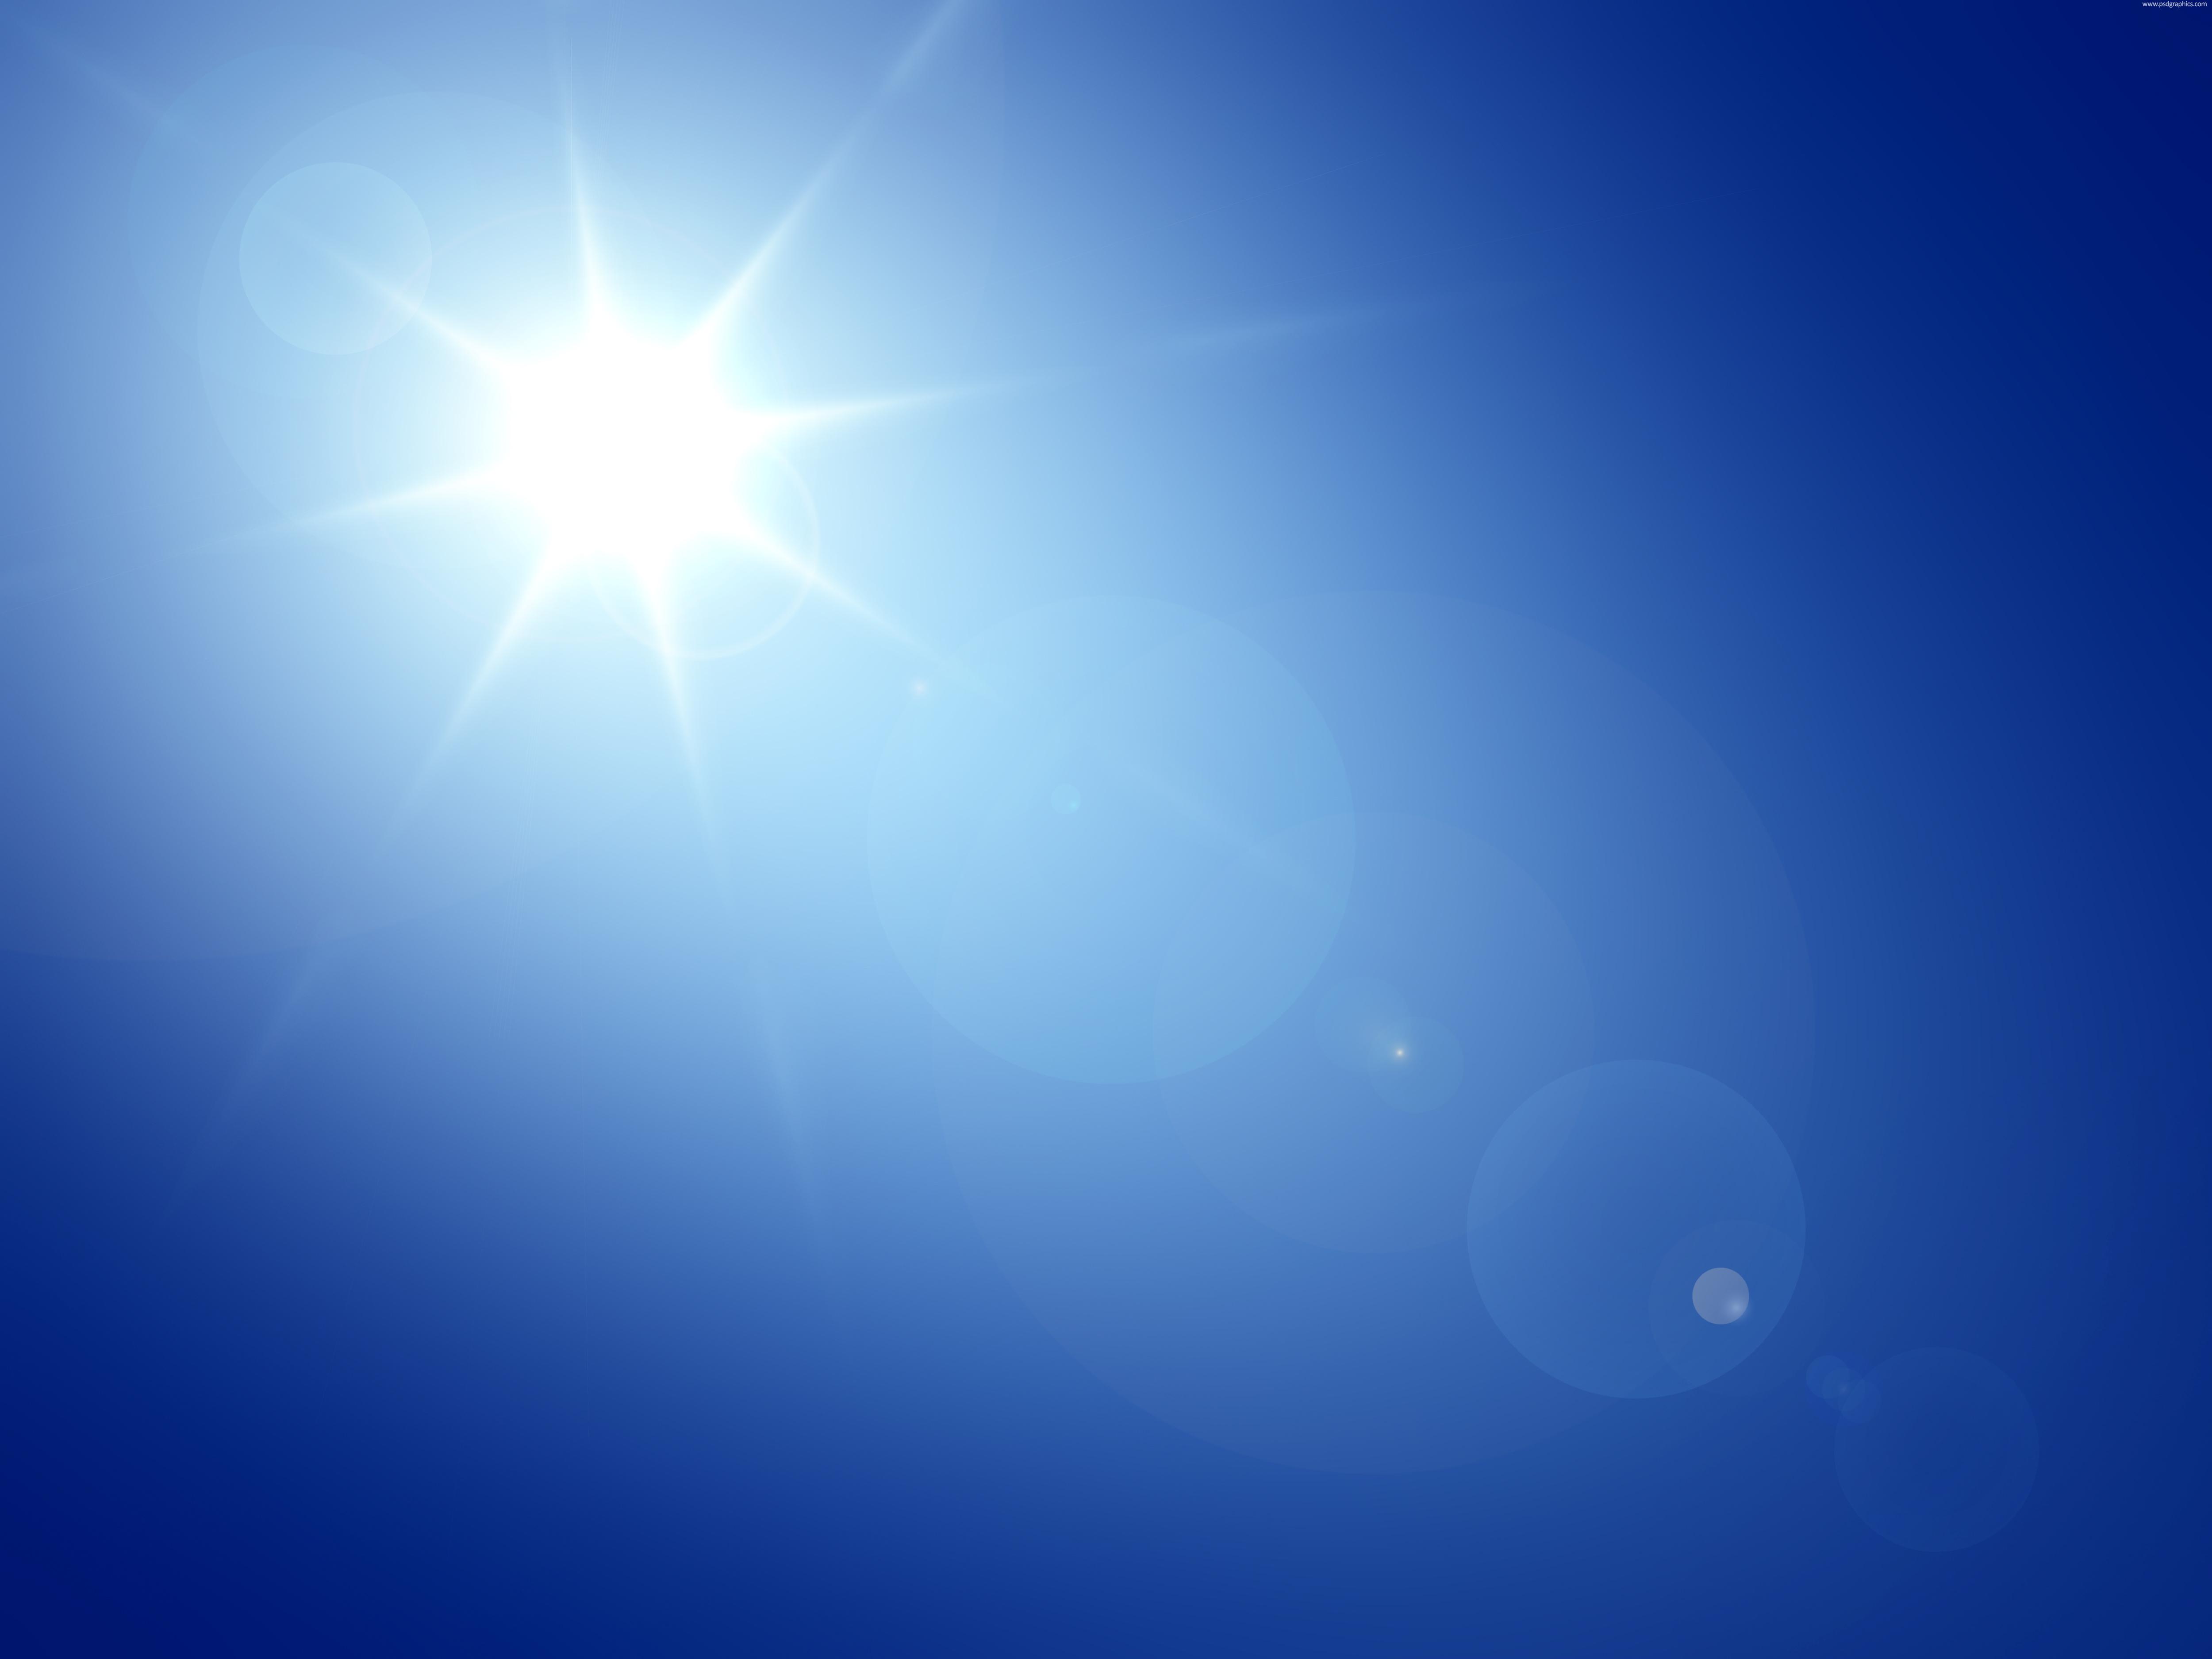 Sun Clear Skies Clipart.